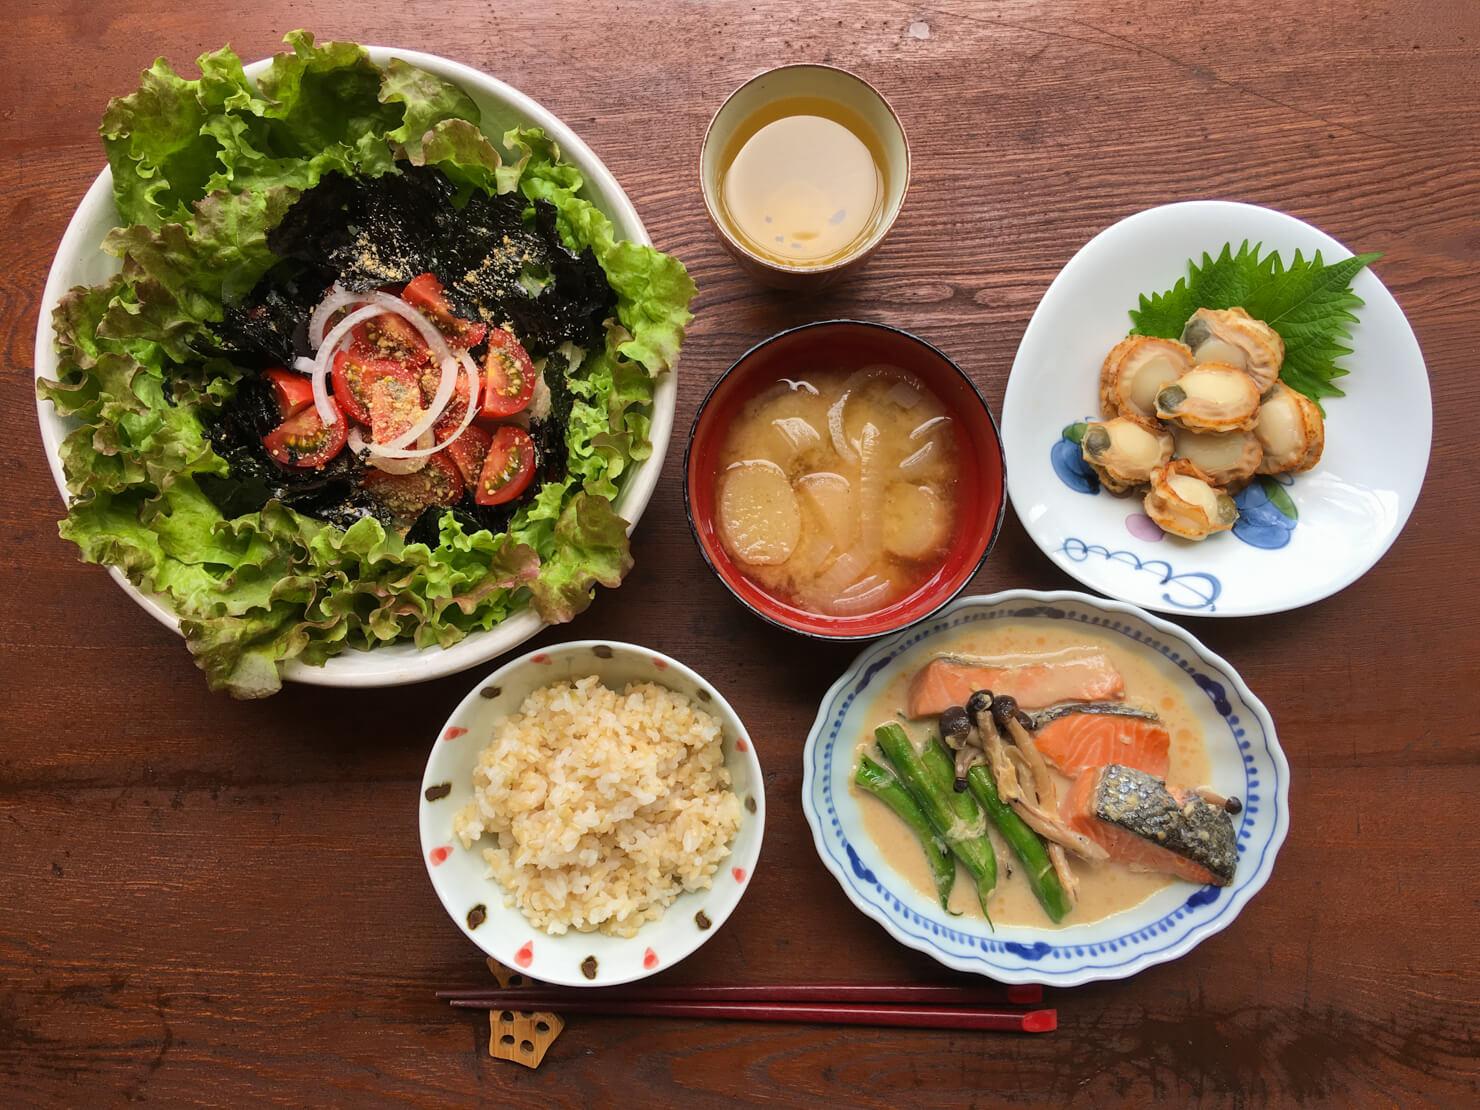 野菜中心の食卓の写真